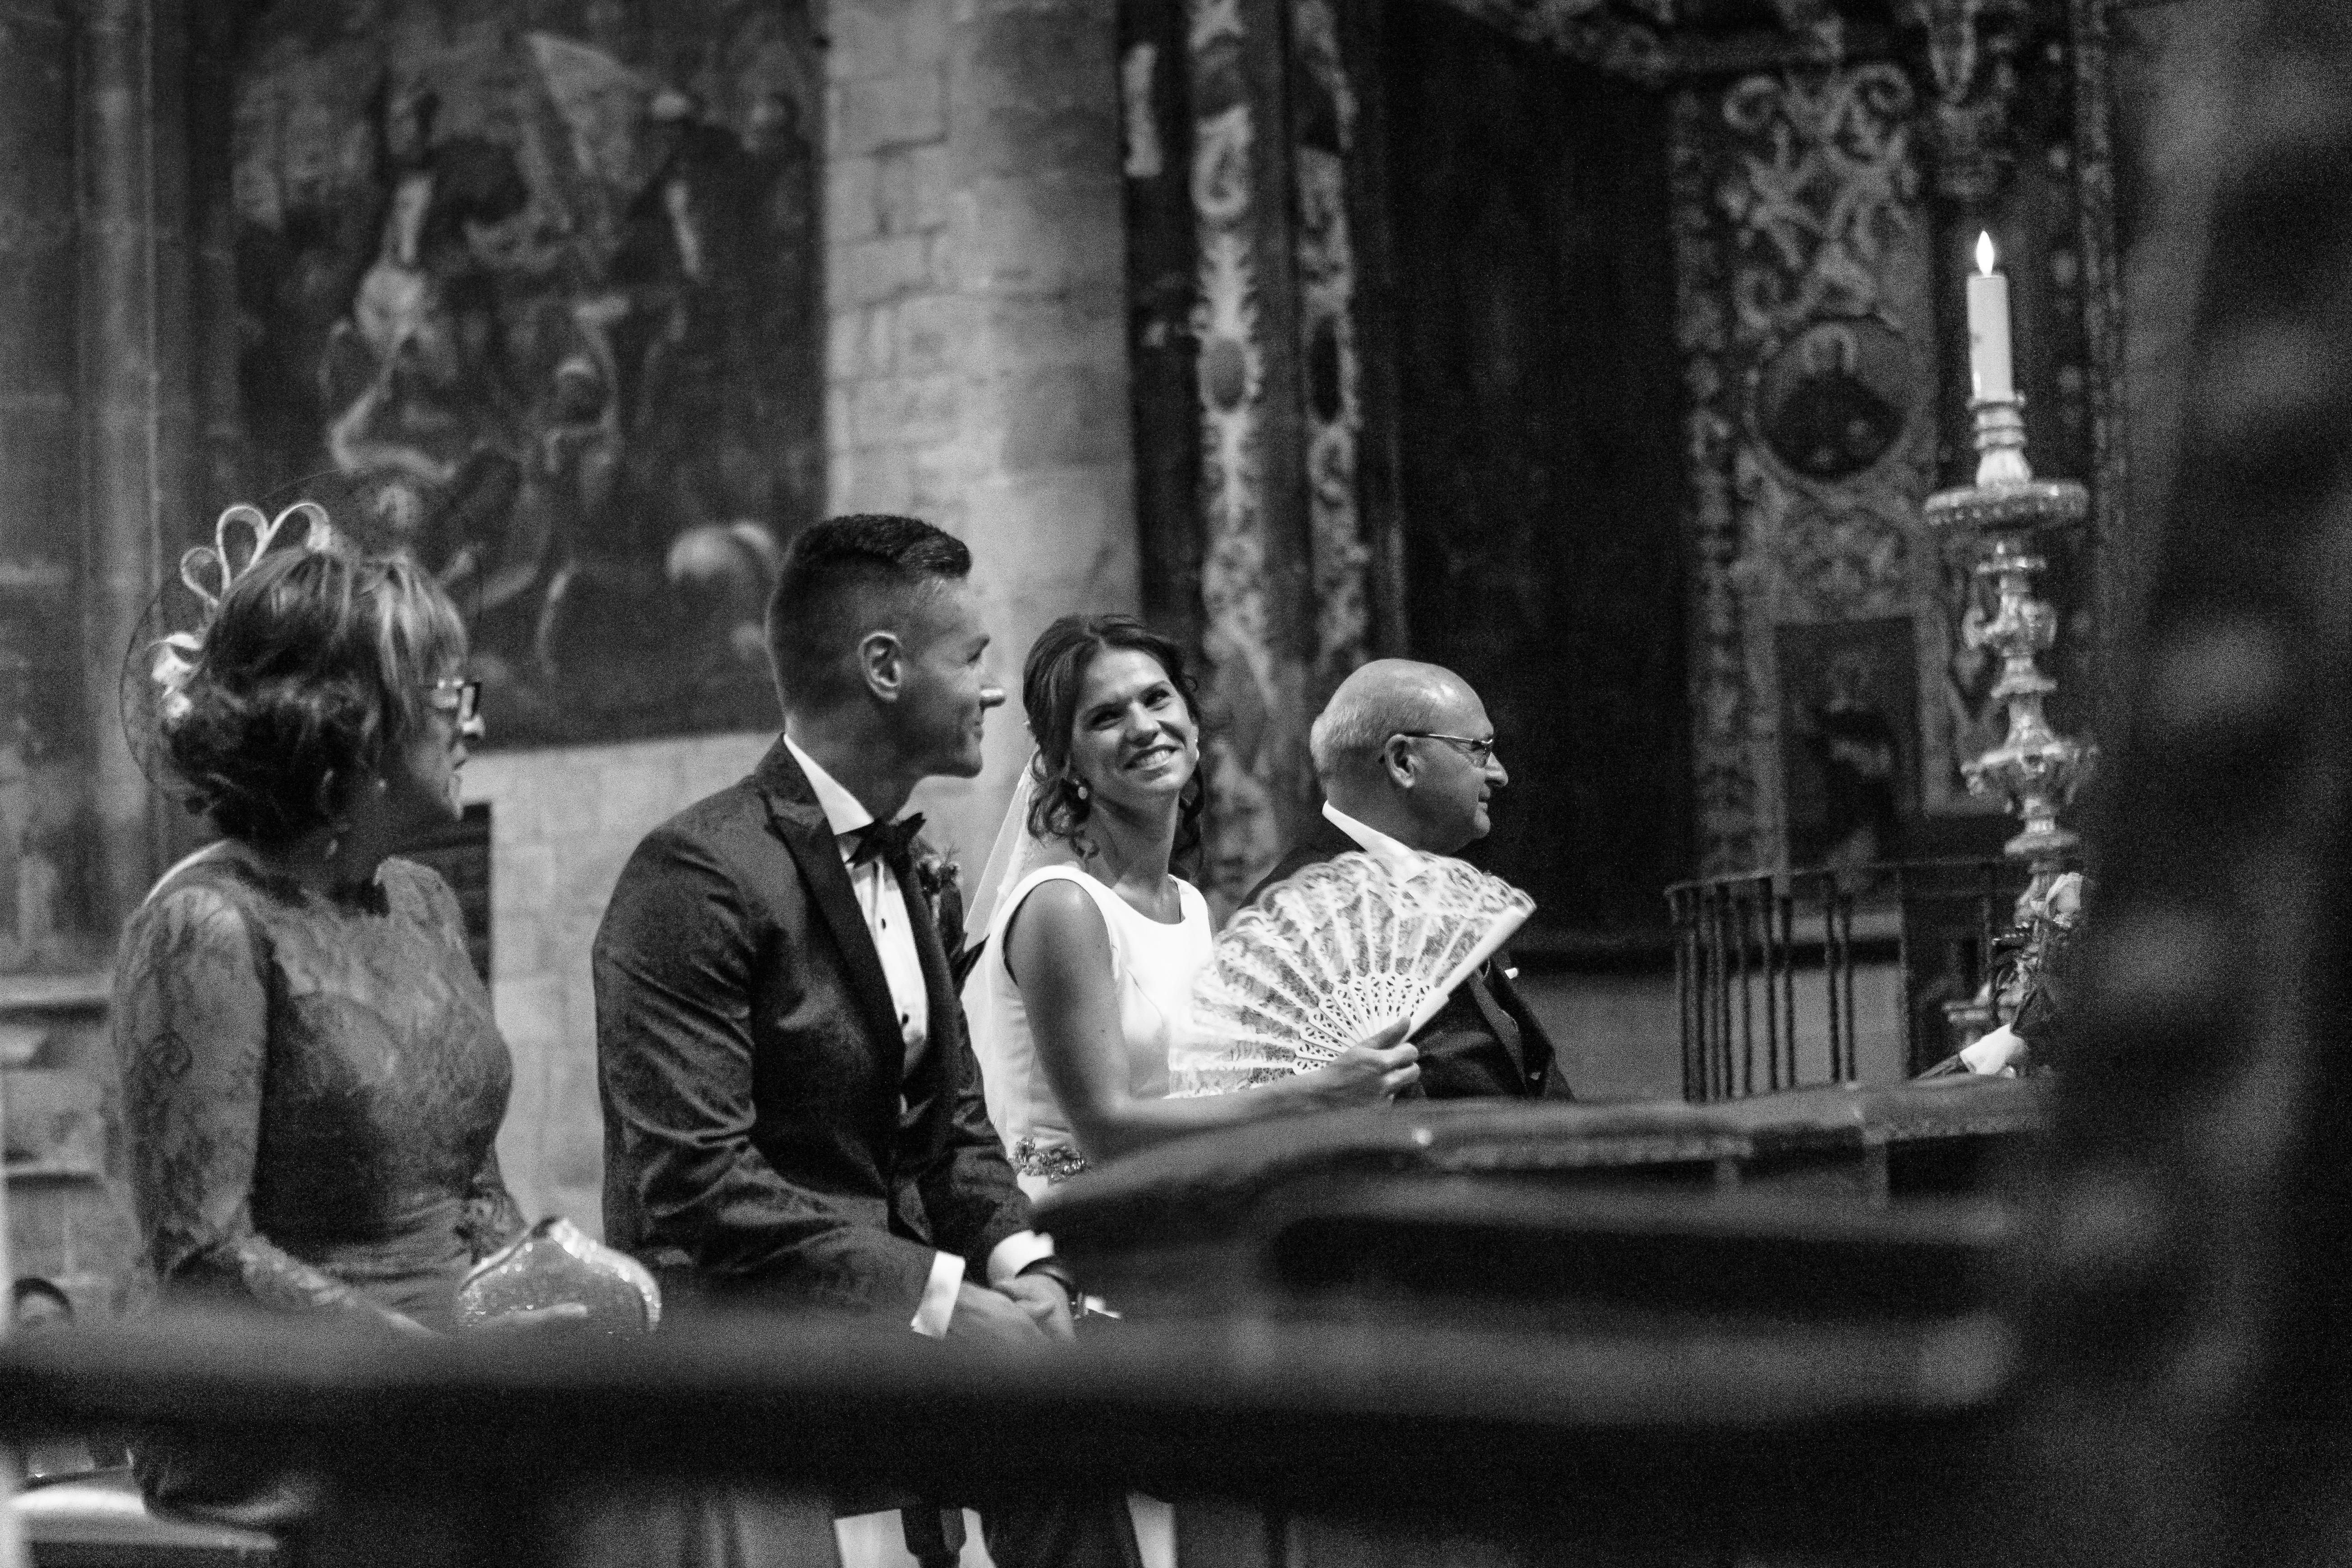 mandarina wedding, fotografos de boda, fotoperiodismo de boda, mejores fotografos de boda, bodas soria, bodas pirineo, bodas Madrid, fotógrafo daroca_07